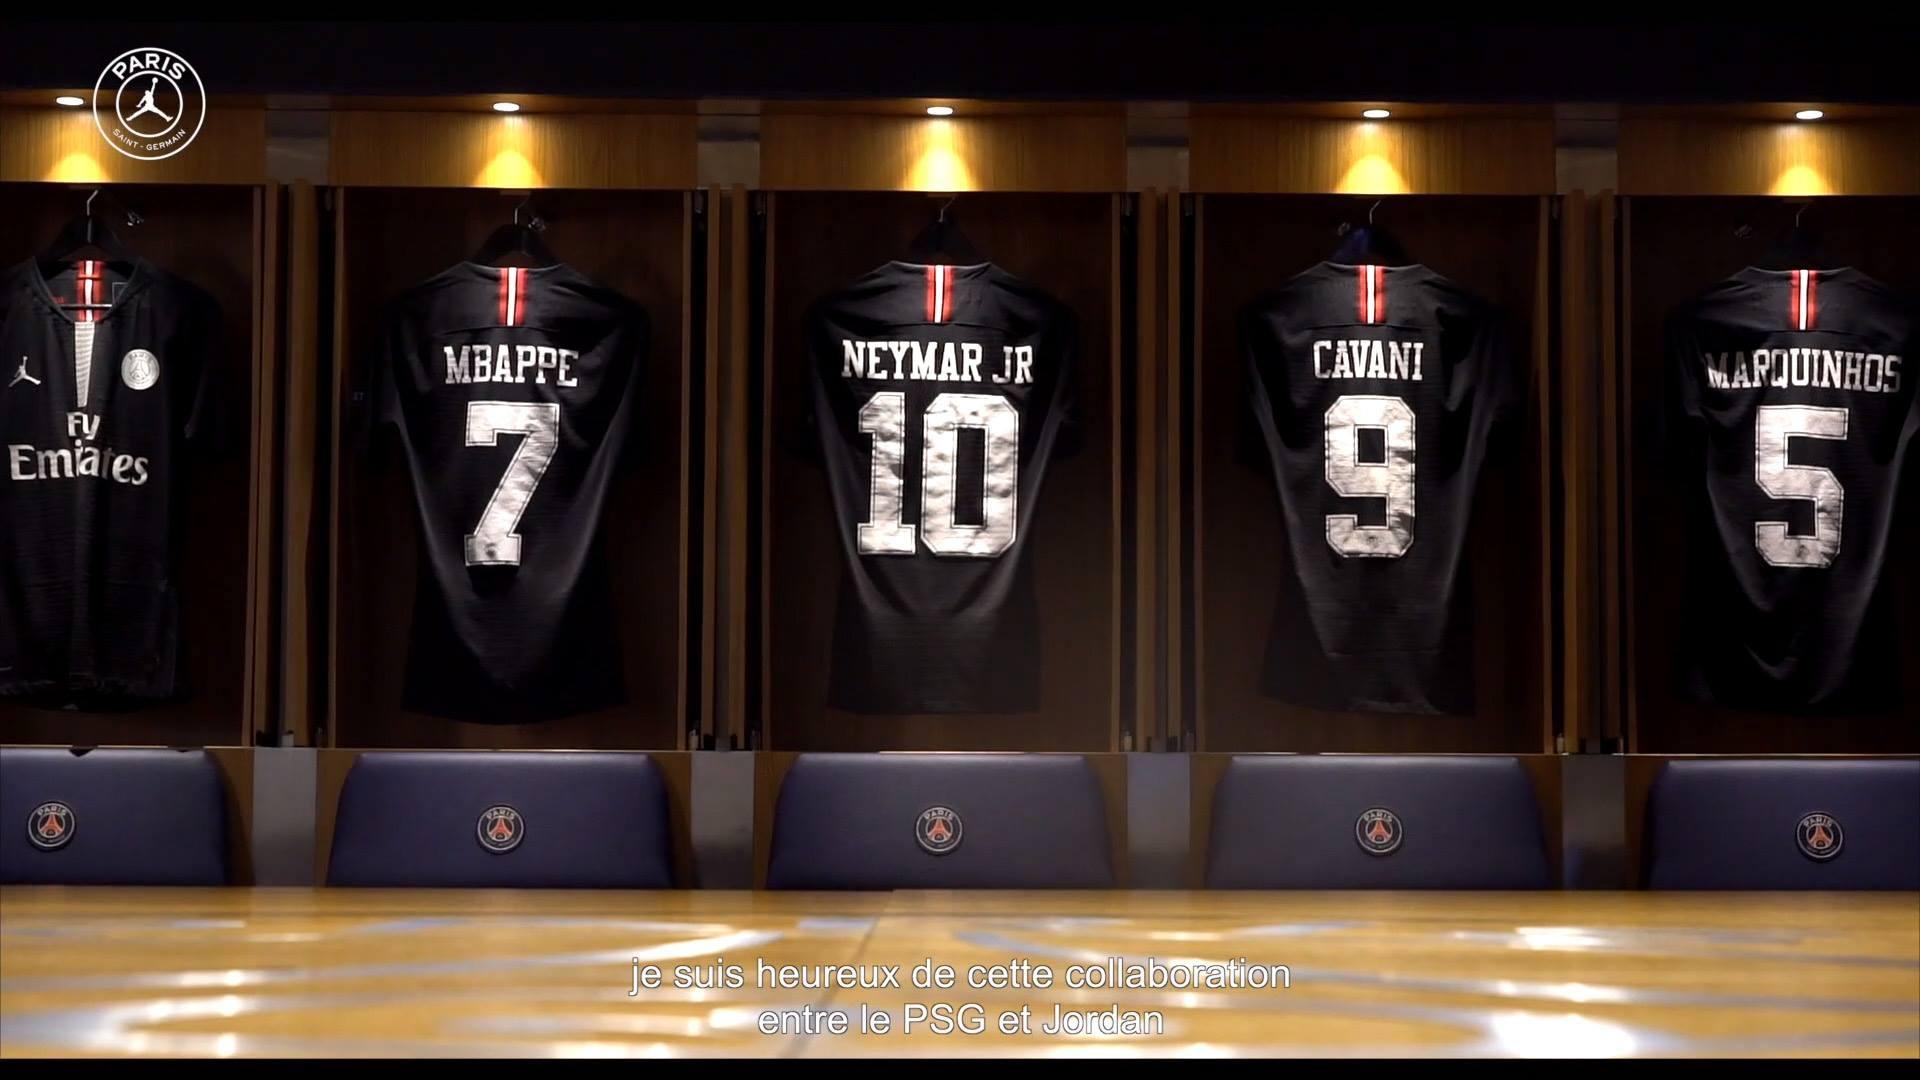 Nova camisa três do PSG traz numeração inspirada no Chicago Bulls de Jordan